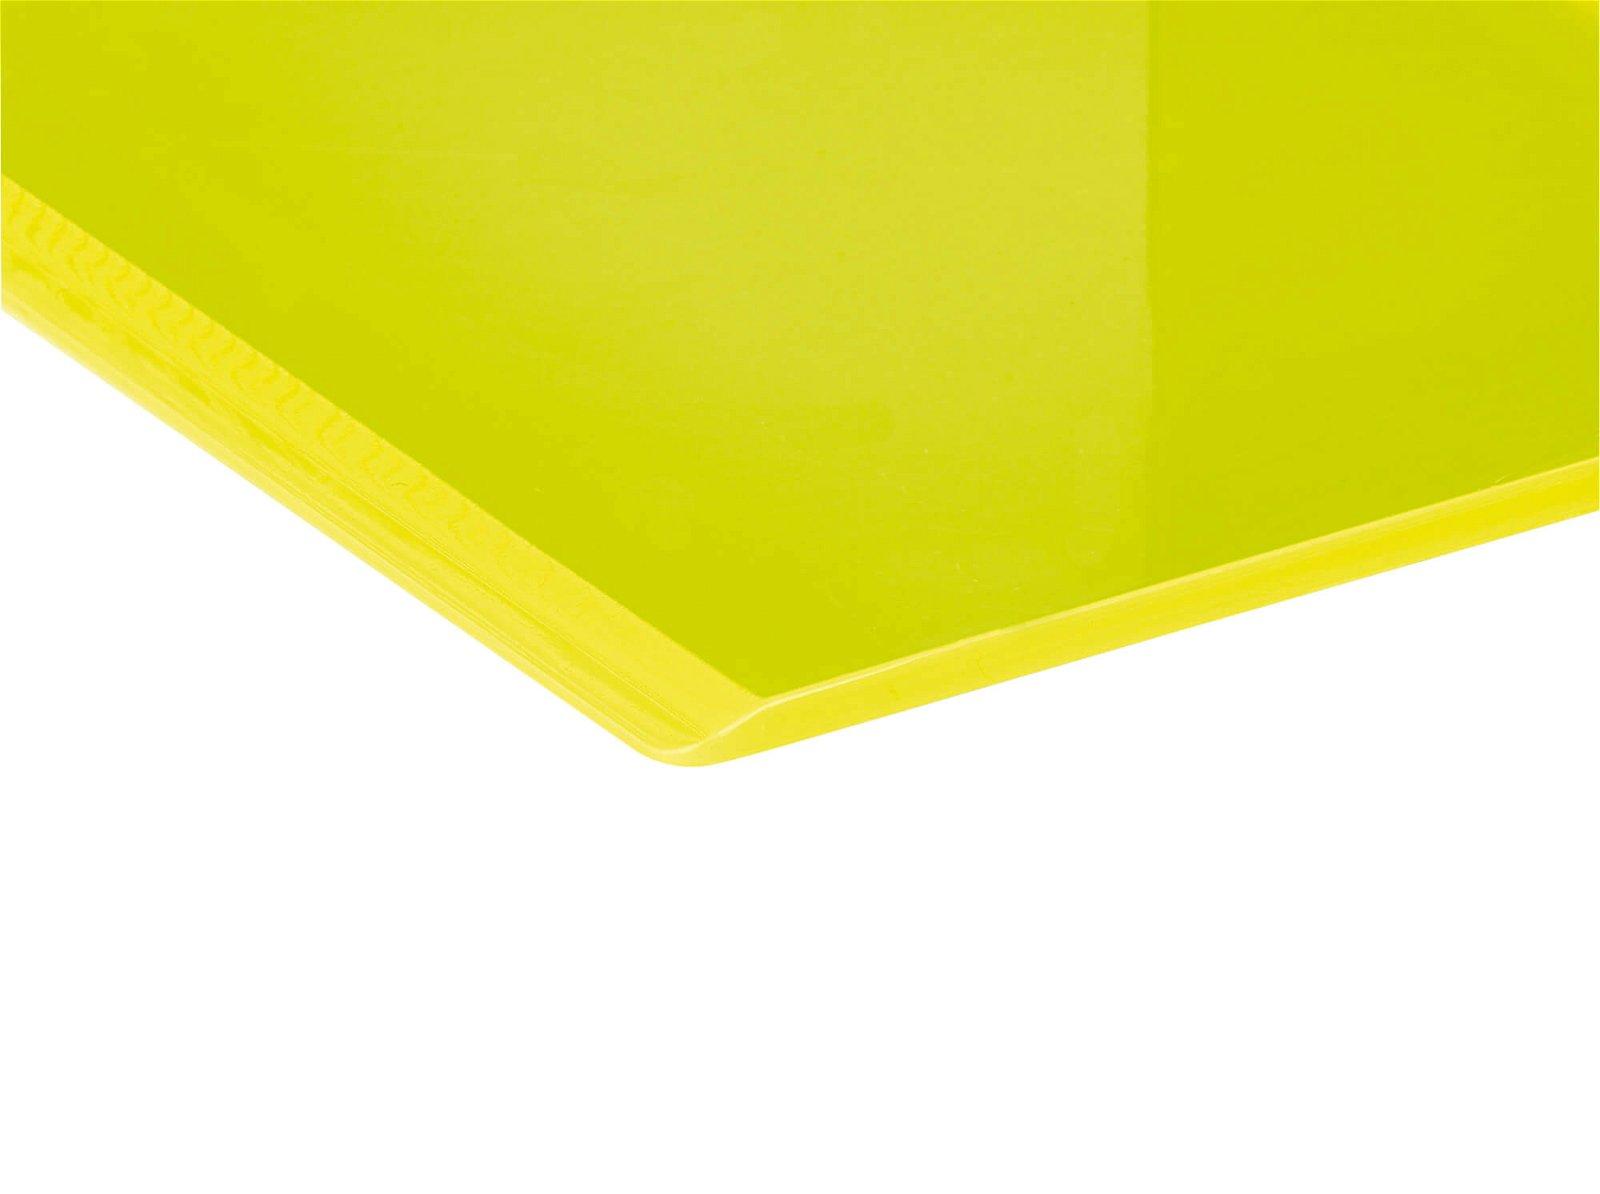 Buchstützen aus Acryl, Neon, gelb